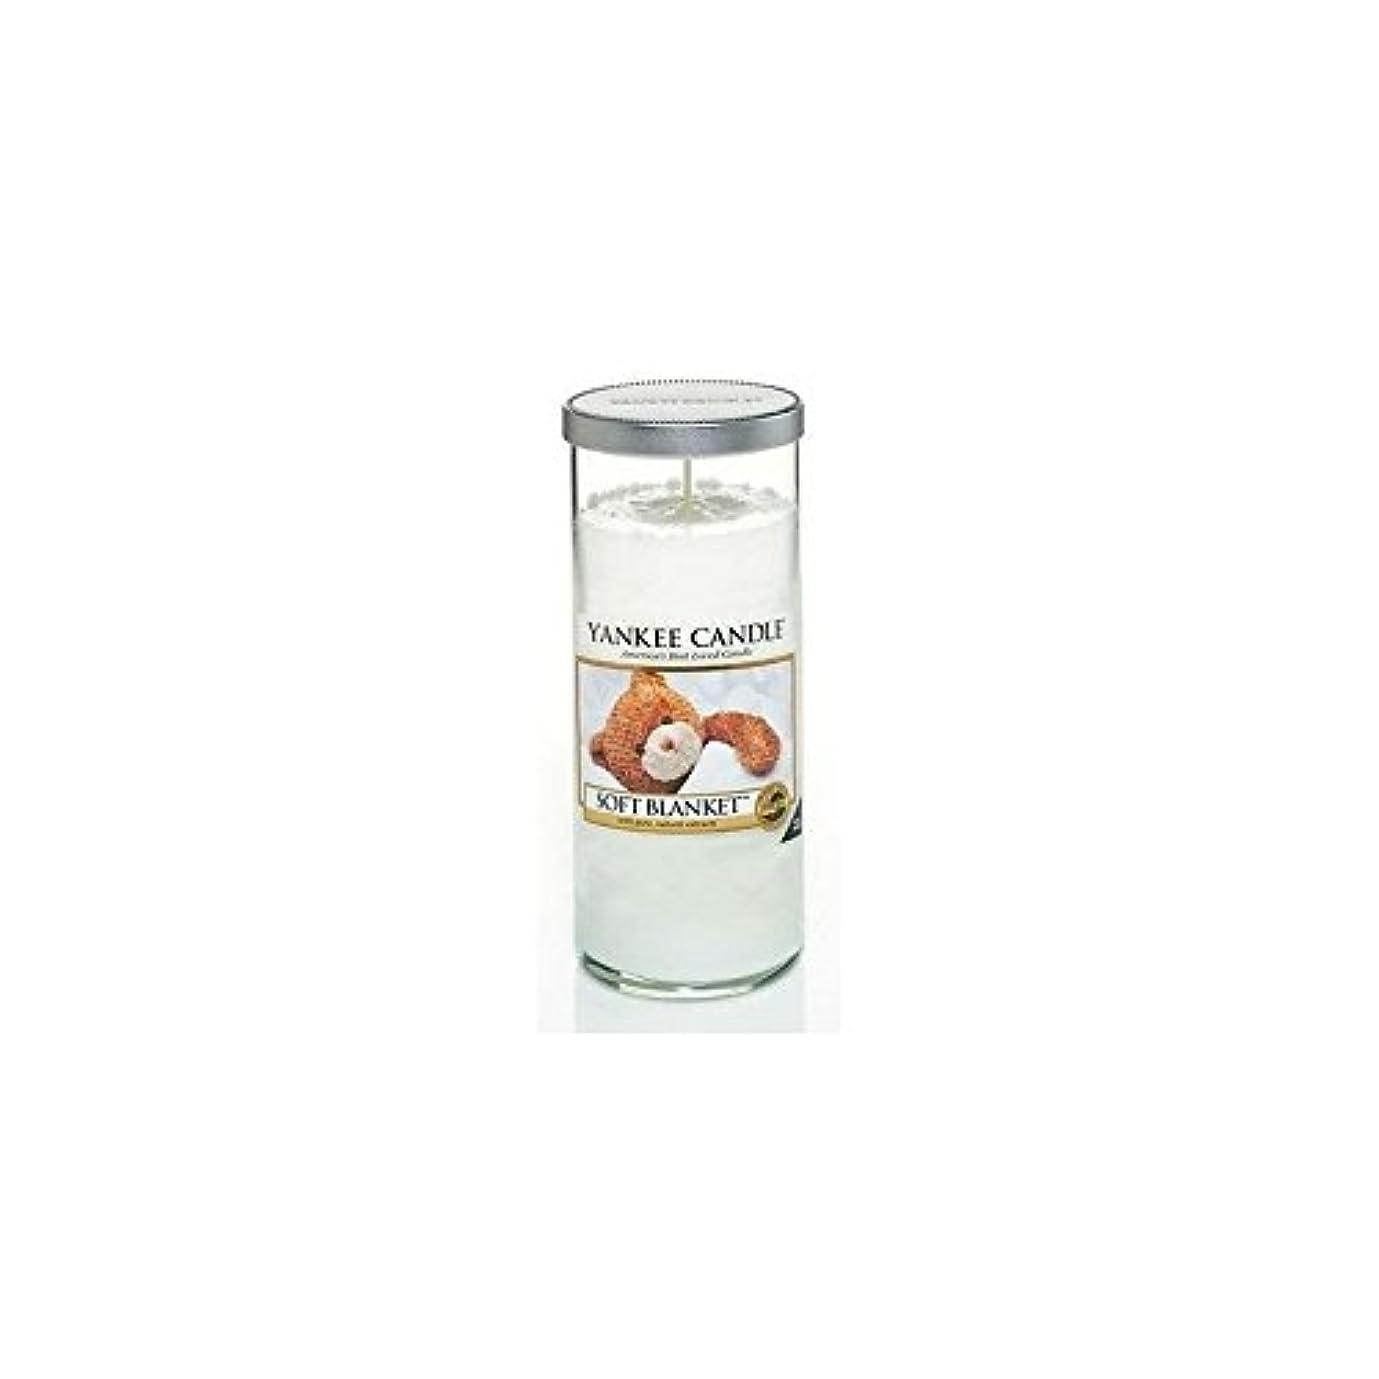 イチゴ幼児クスクスYankee Candles Large Pillar Candle - Soft Blanket (Pack of 2) - ヤンキーキャンドル大きな柱キャンドル - ソフト毛布 (x2) [並行輸入品]